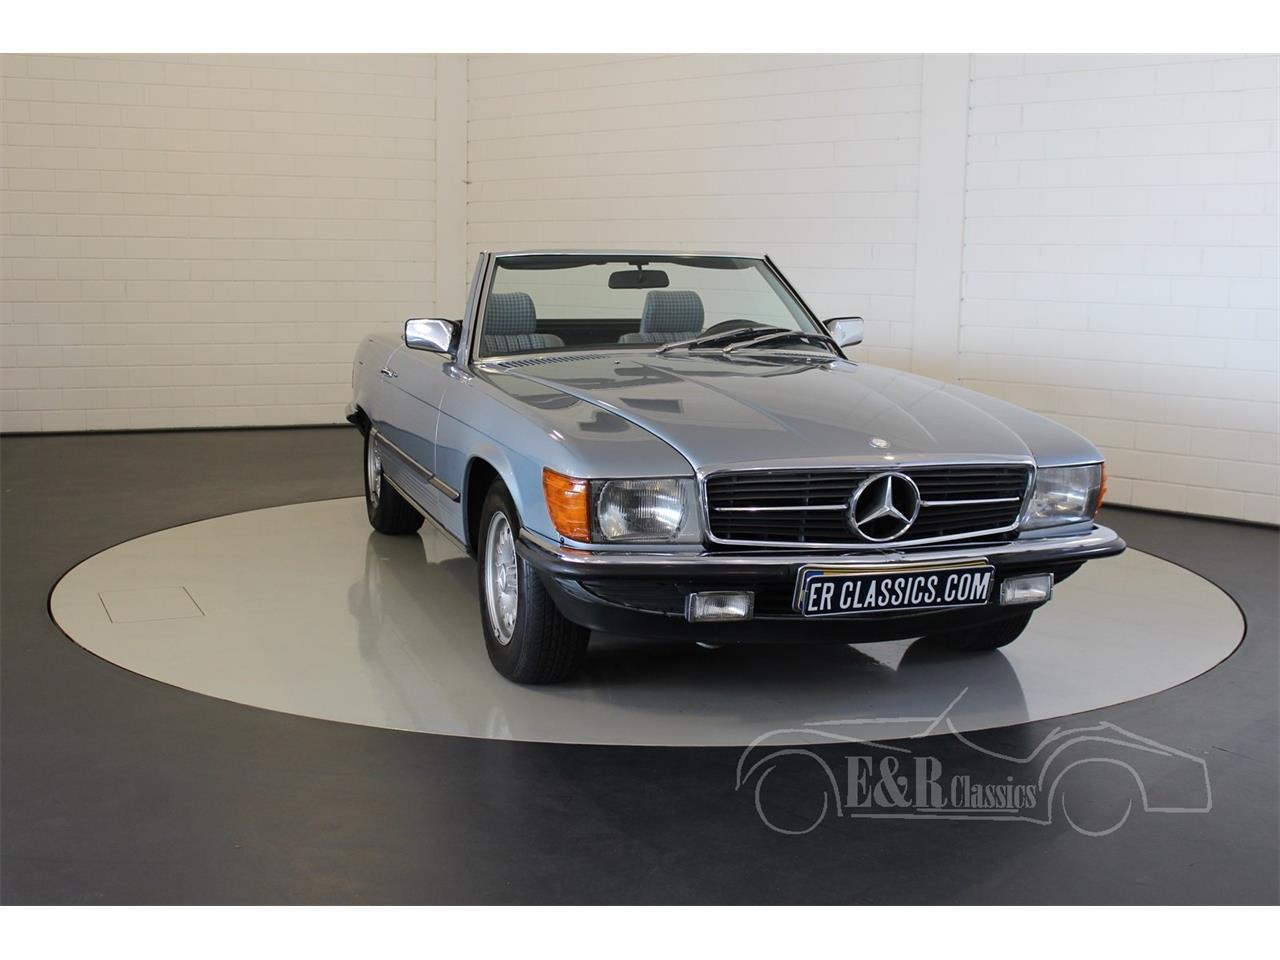 Large Picture of 1983 Mercedes-Benz 280SL located in Waalwijk noord brabant - $34,150.00 - QEBS